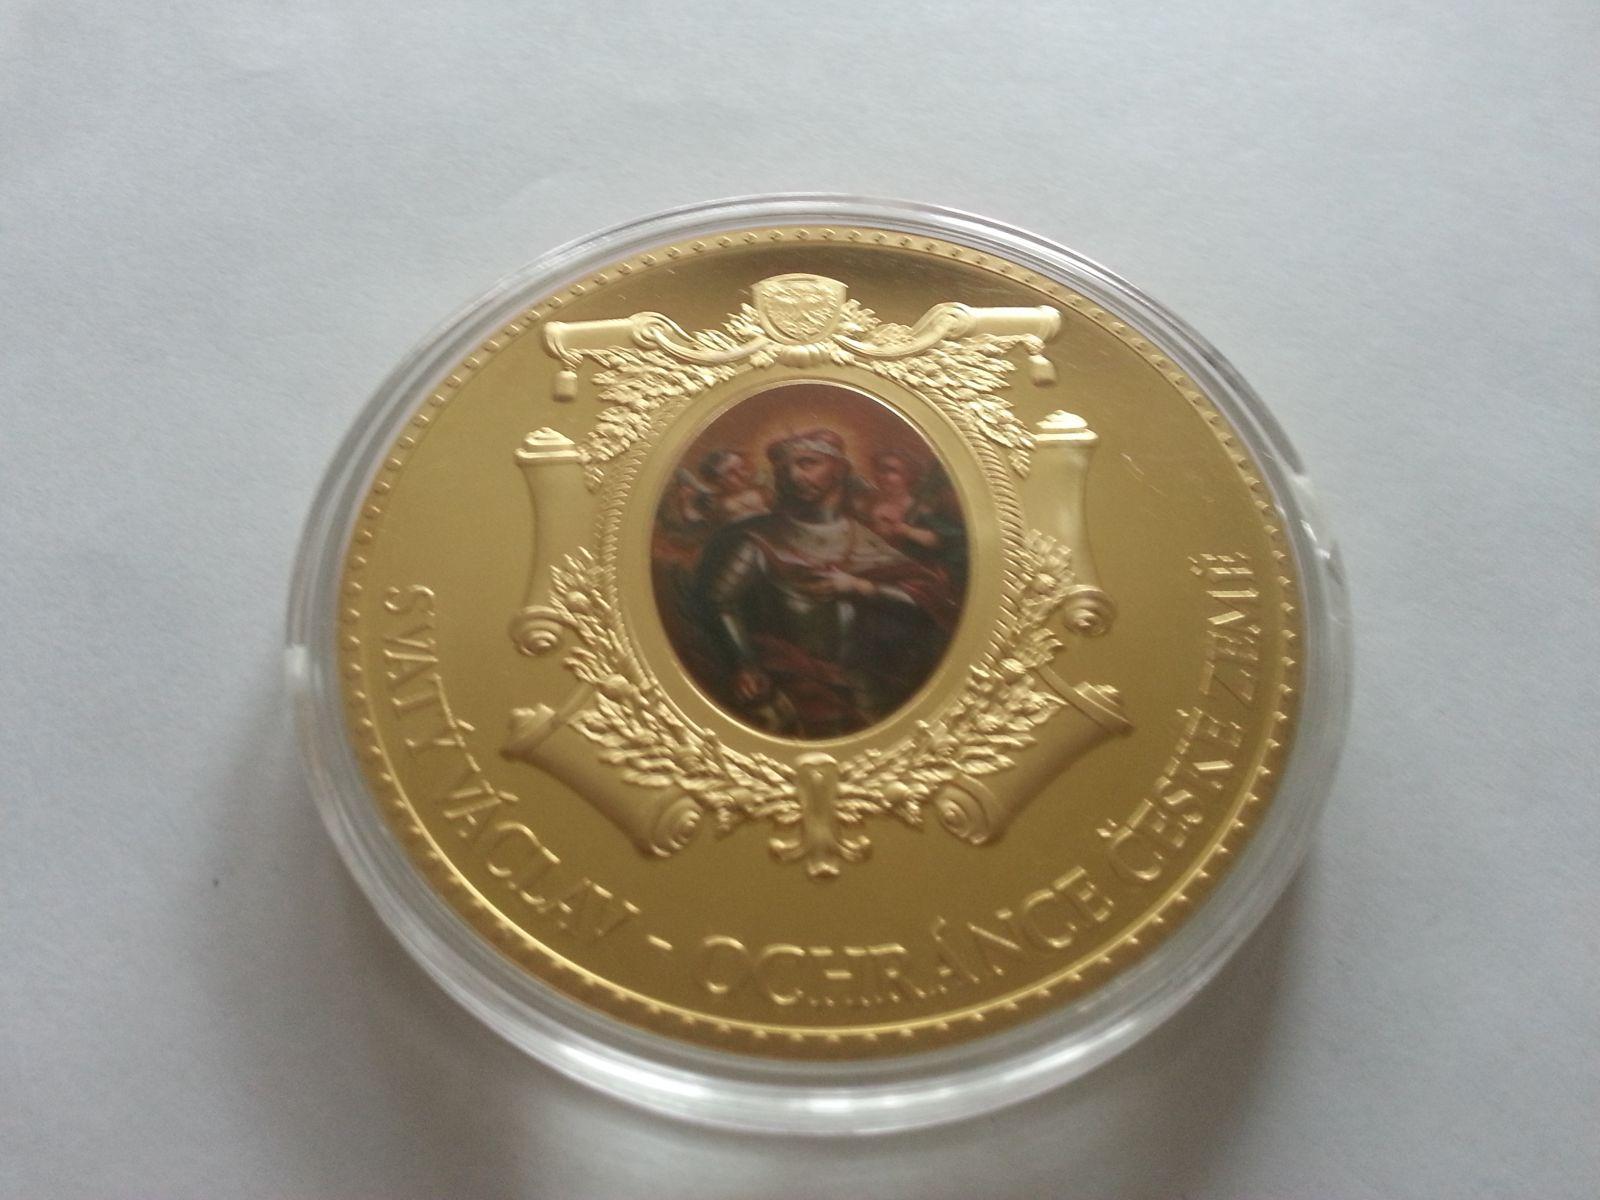 sv. Václav ochránce české země, (průměr 70mm), zlacená medaile, ČR